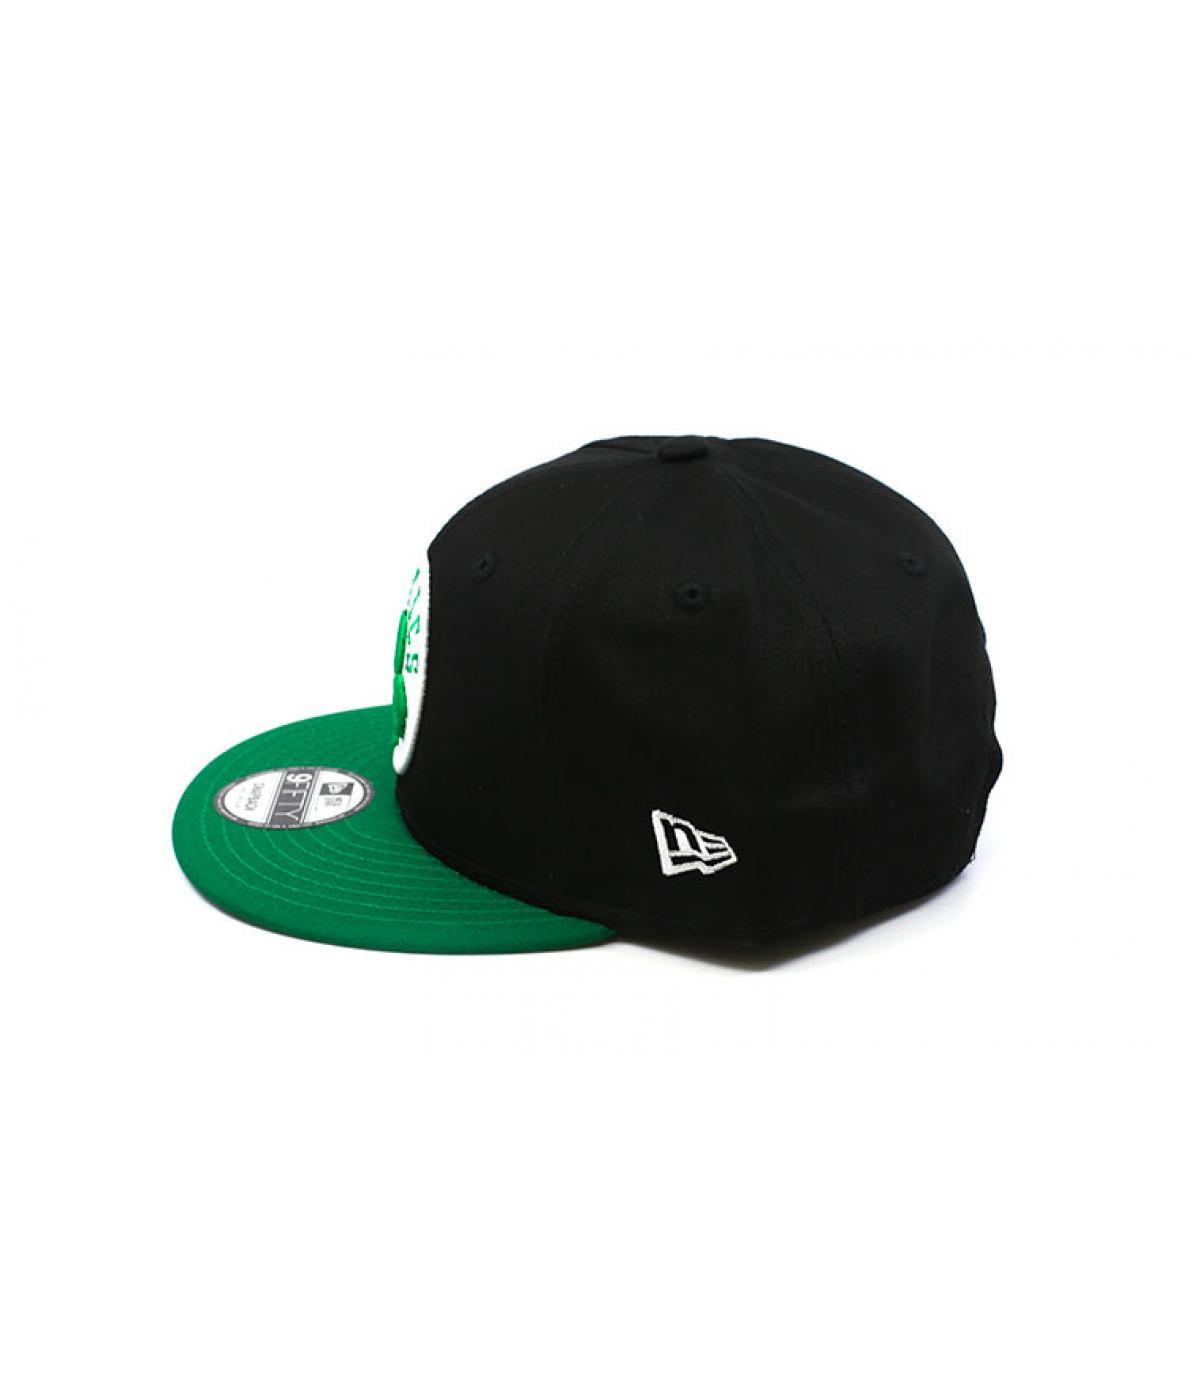 Details Snapback NBA Celtics 950 - Abbildung 4